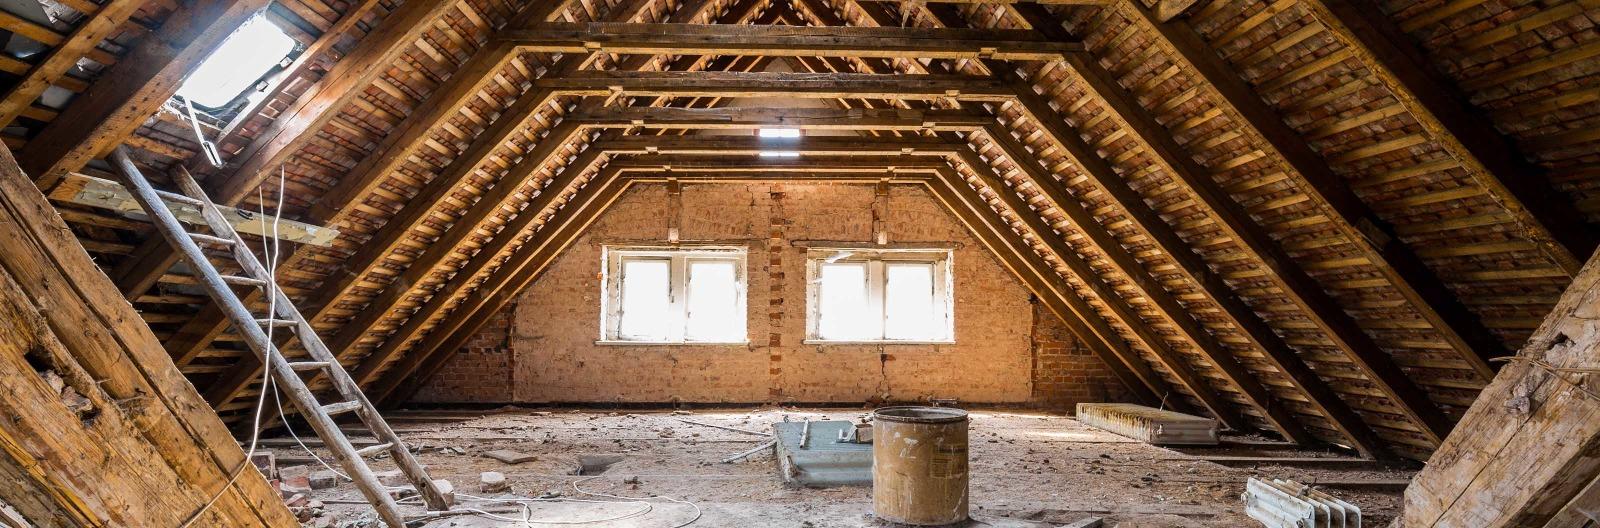 Dachboden ausbauen – Wie teuer ist der Ausbau des ...